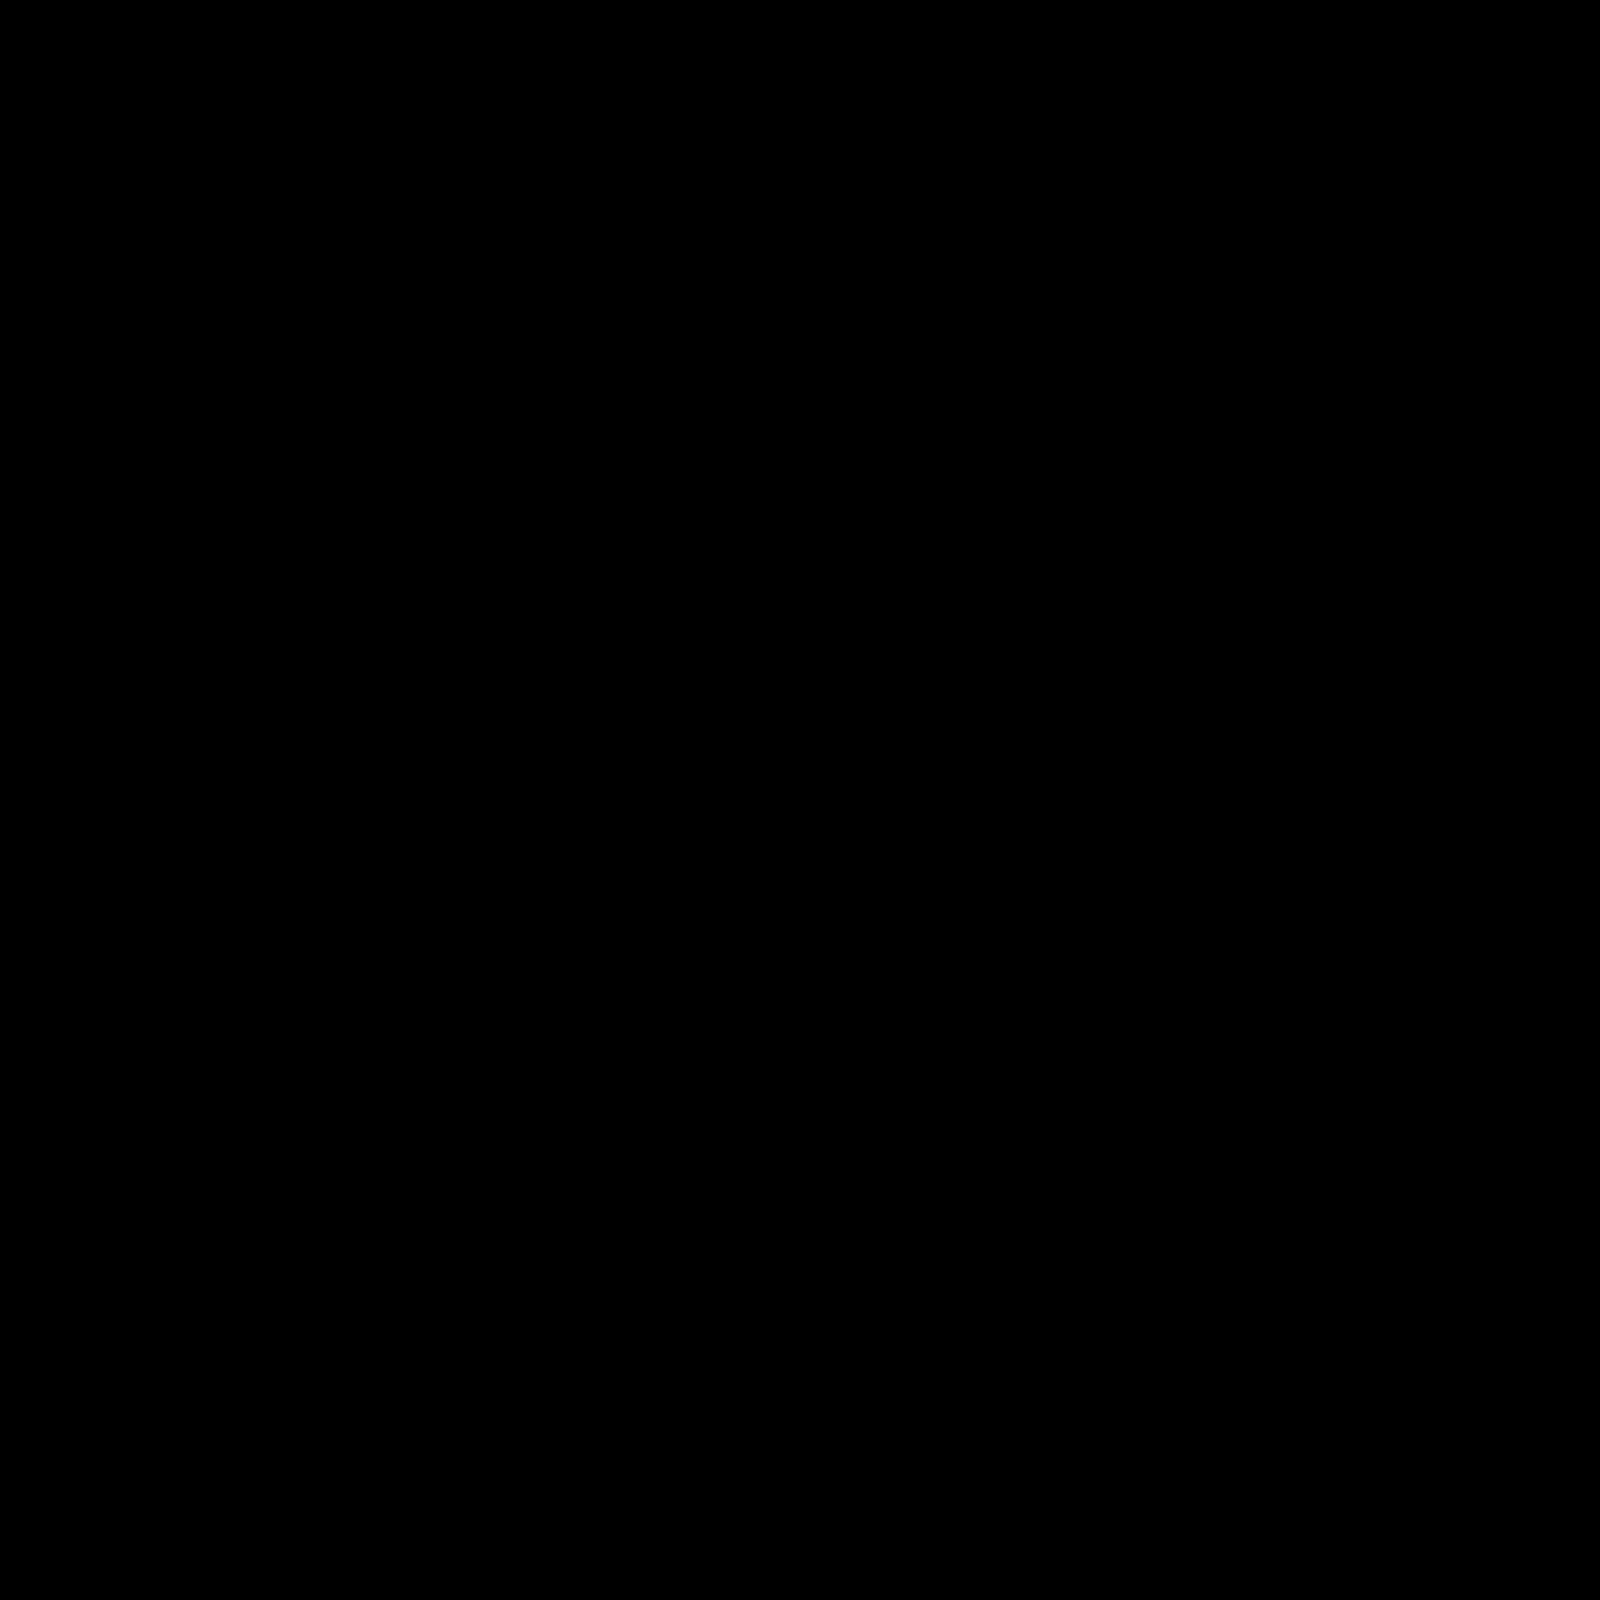 スイッチカメラ icon. The outer edge of the icon is in the shape of a hand-held camera that one would take pictures with. The shape is rectangular with a slight bump at the top, similar to a camera. Inside the rectangle are two arrows that form a circle with the arrows pointing in a clockwise direction.